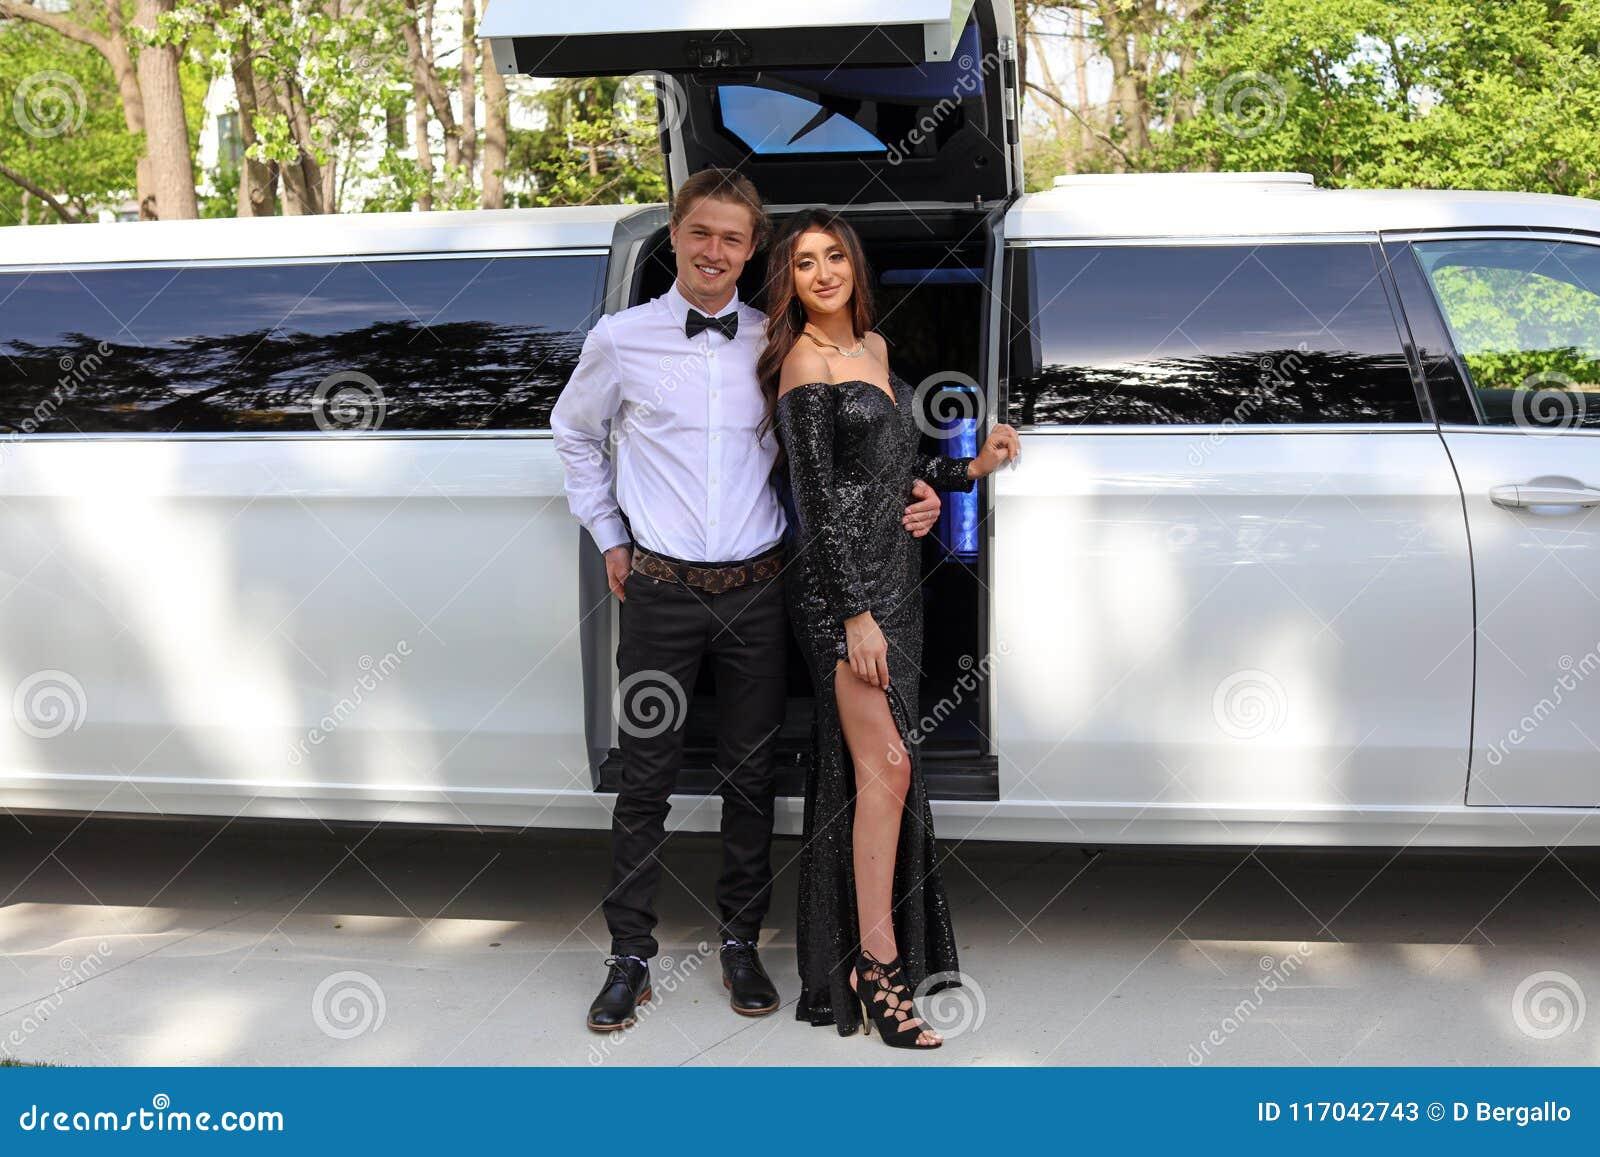 Mujer hermosa en vestido trasero del baile de fin de curso e individuo hermoso en traje, adolescente atractivo listo por una noch